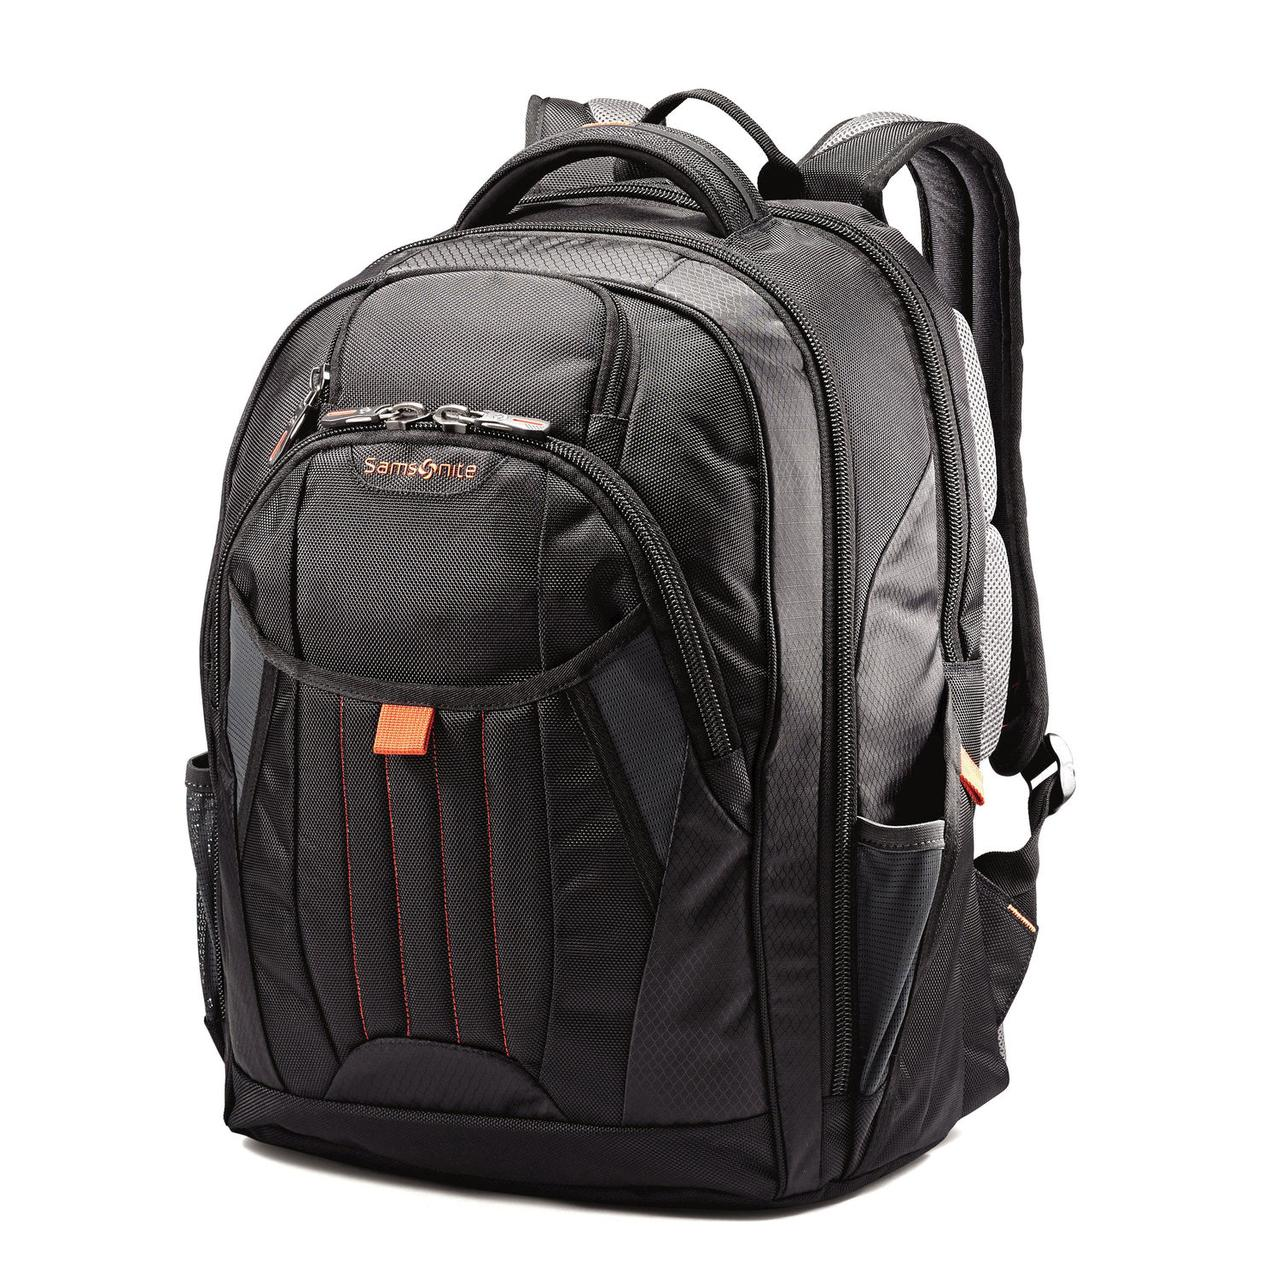 11314dd0f503 Рюкзак Samsonite Tectonic 2 Large Backpack для ноутбука (Orange)